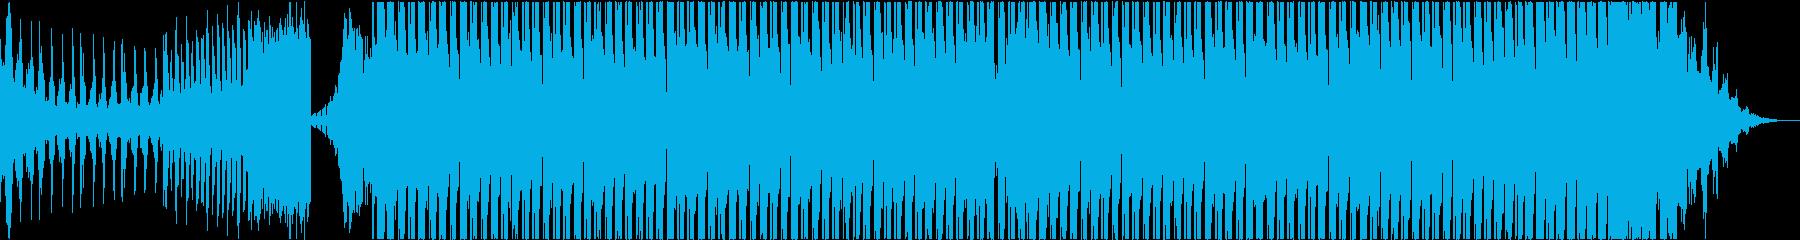 テクノ トランス アグレッシブ 前向きの再生済みの波形